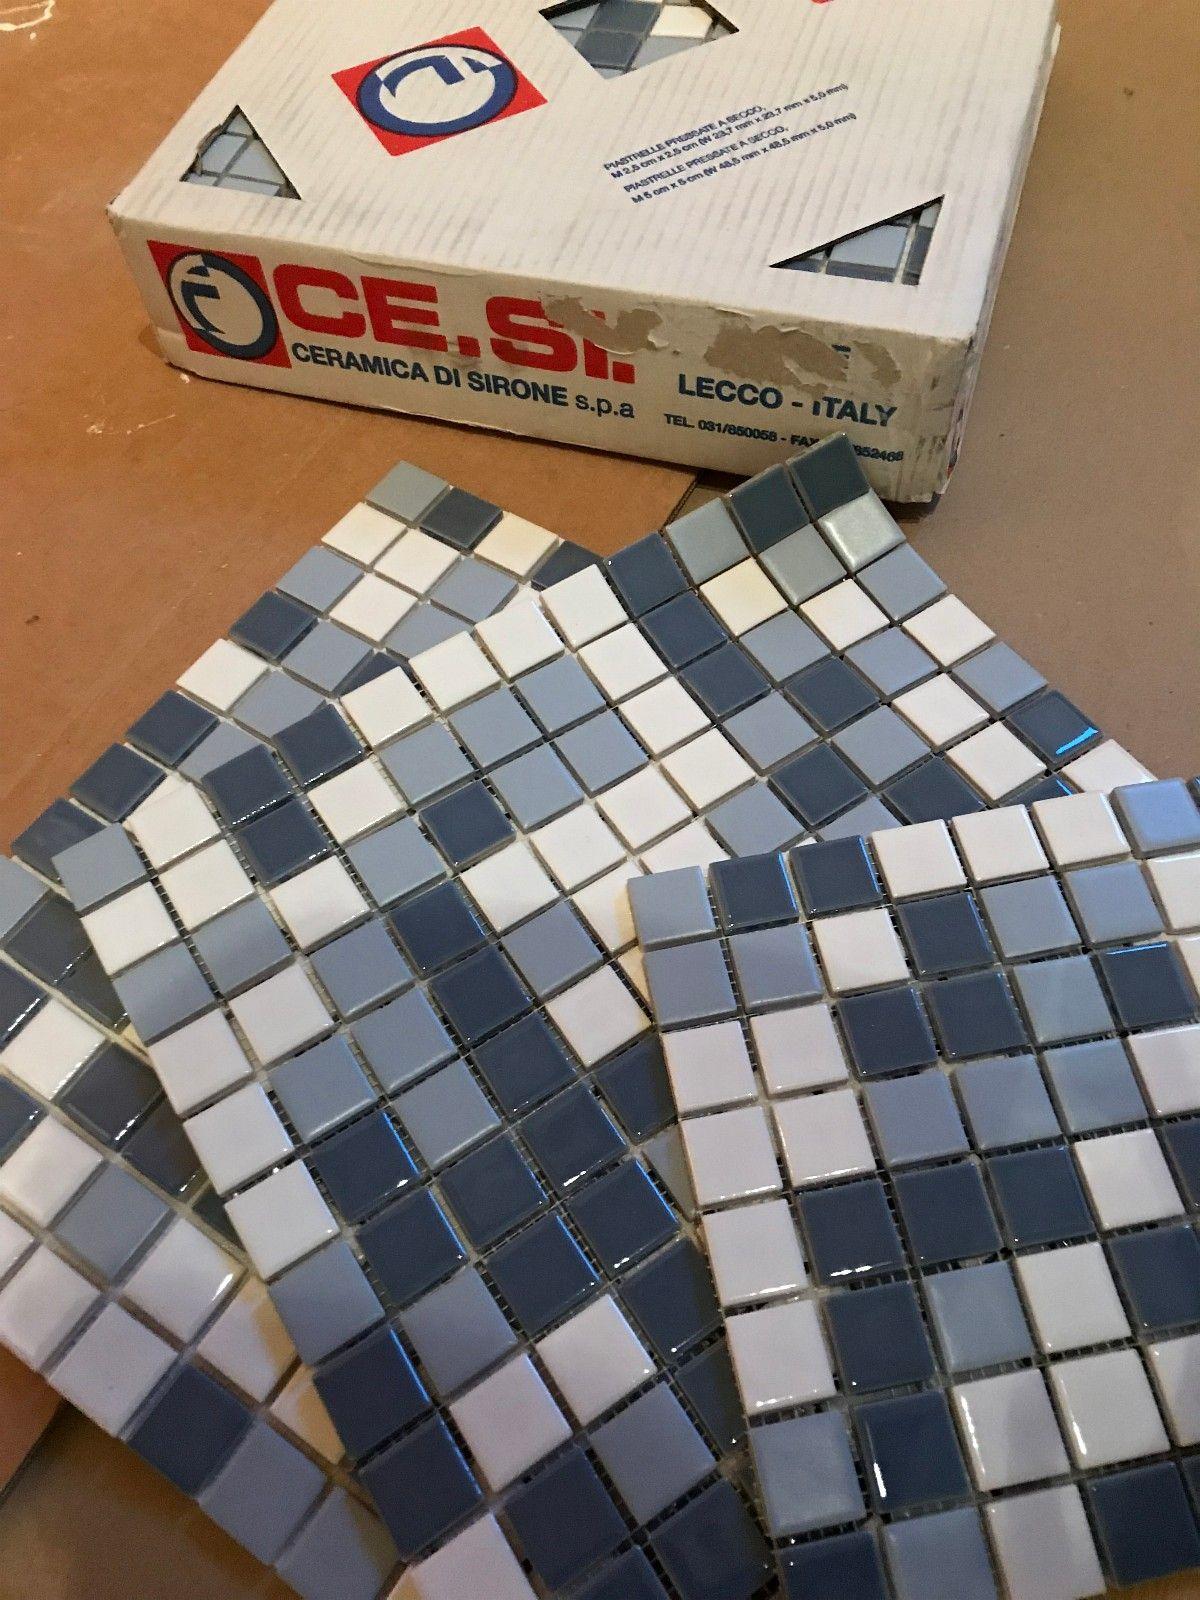 Mosaikkfliser fra Flisekompaniet - Oslo  - Etter oppussingen har vi noen mosaikkfliser til overs. De ble kjøpt på Flisekompaniet i august (bestillingsvare), og kostet ca 1000kr pr.kvm. Vi har igjen 1 kvm og noen plater til. - Oslo